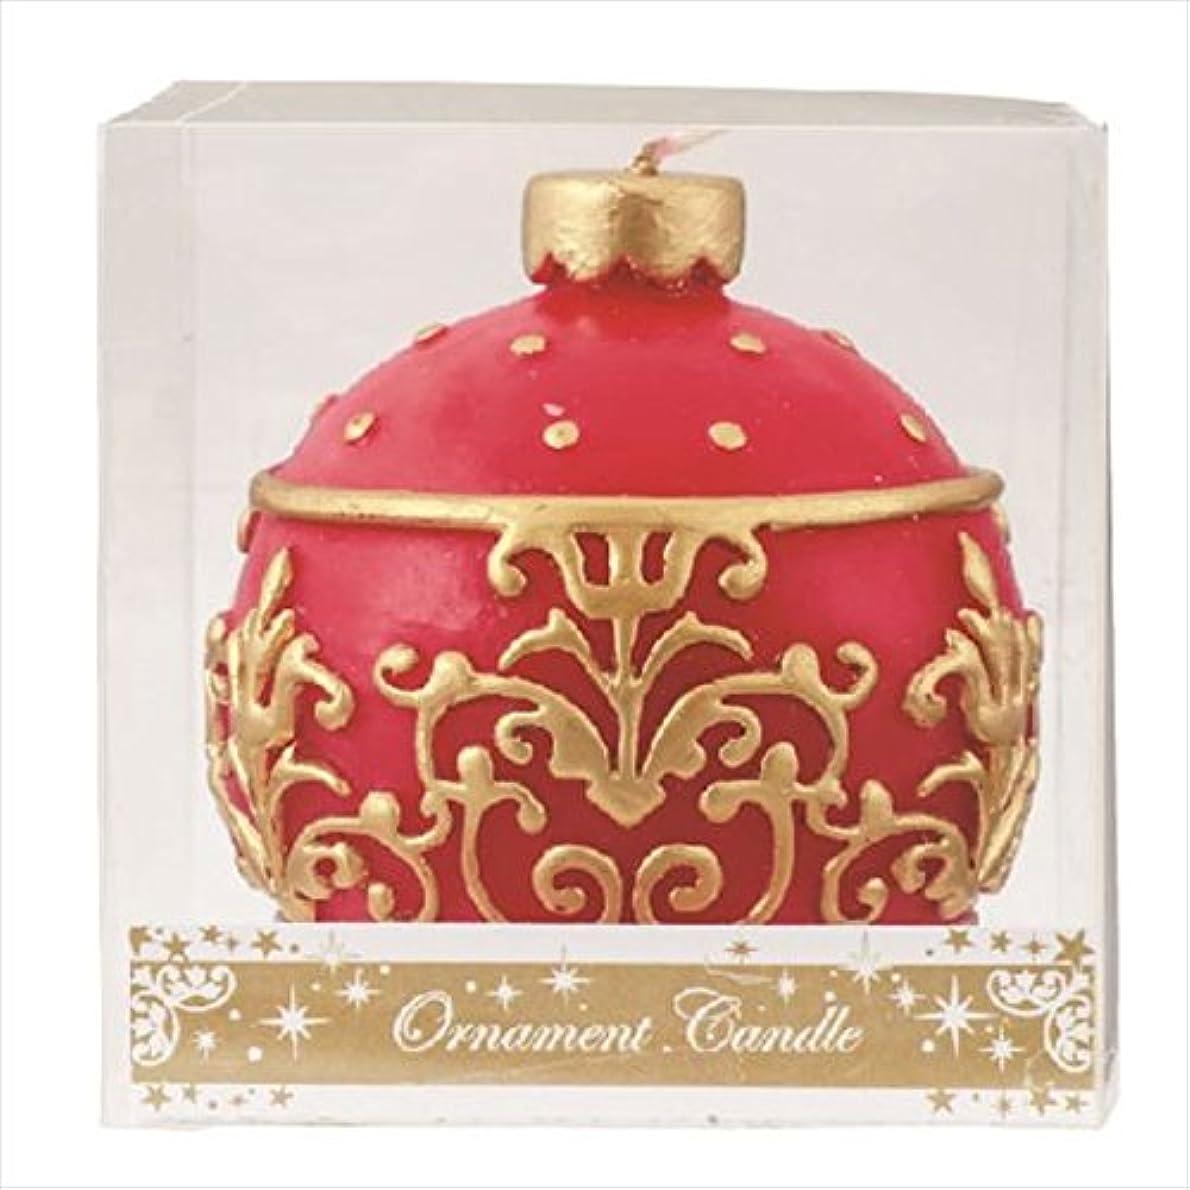 で懲らしめ薄めるカメヤマキャンドル(kameyama candle) オーナメントキャンドル 「 レッド 」